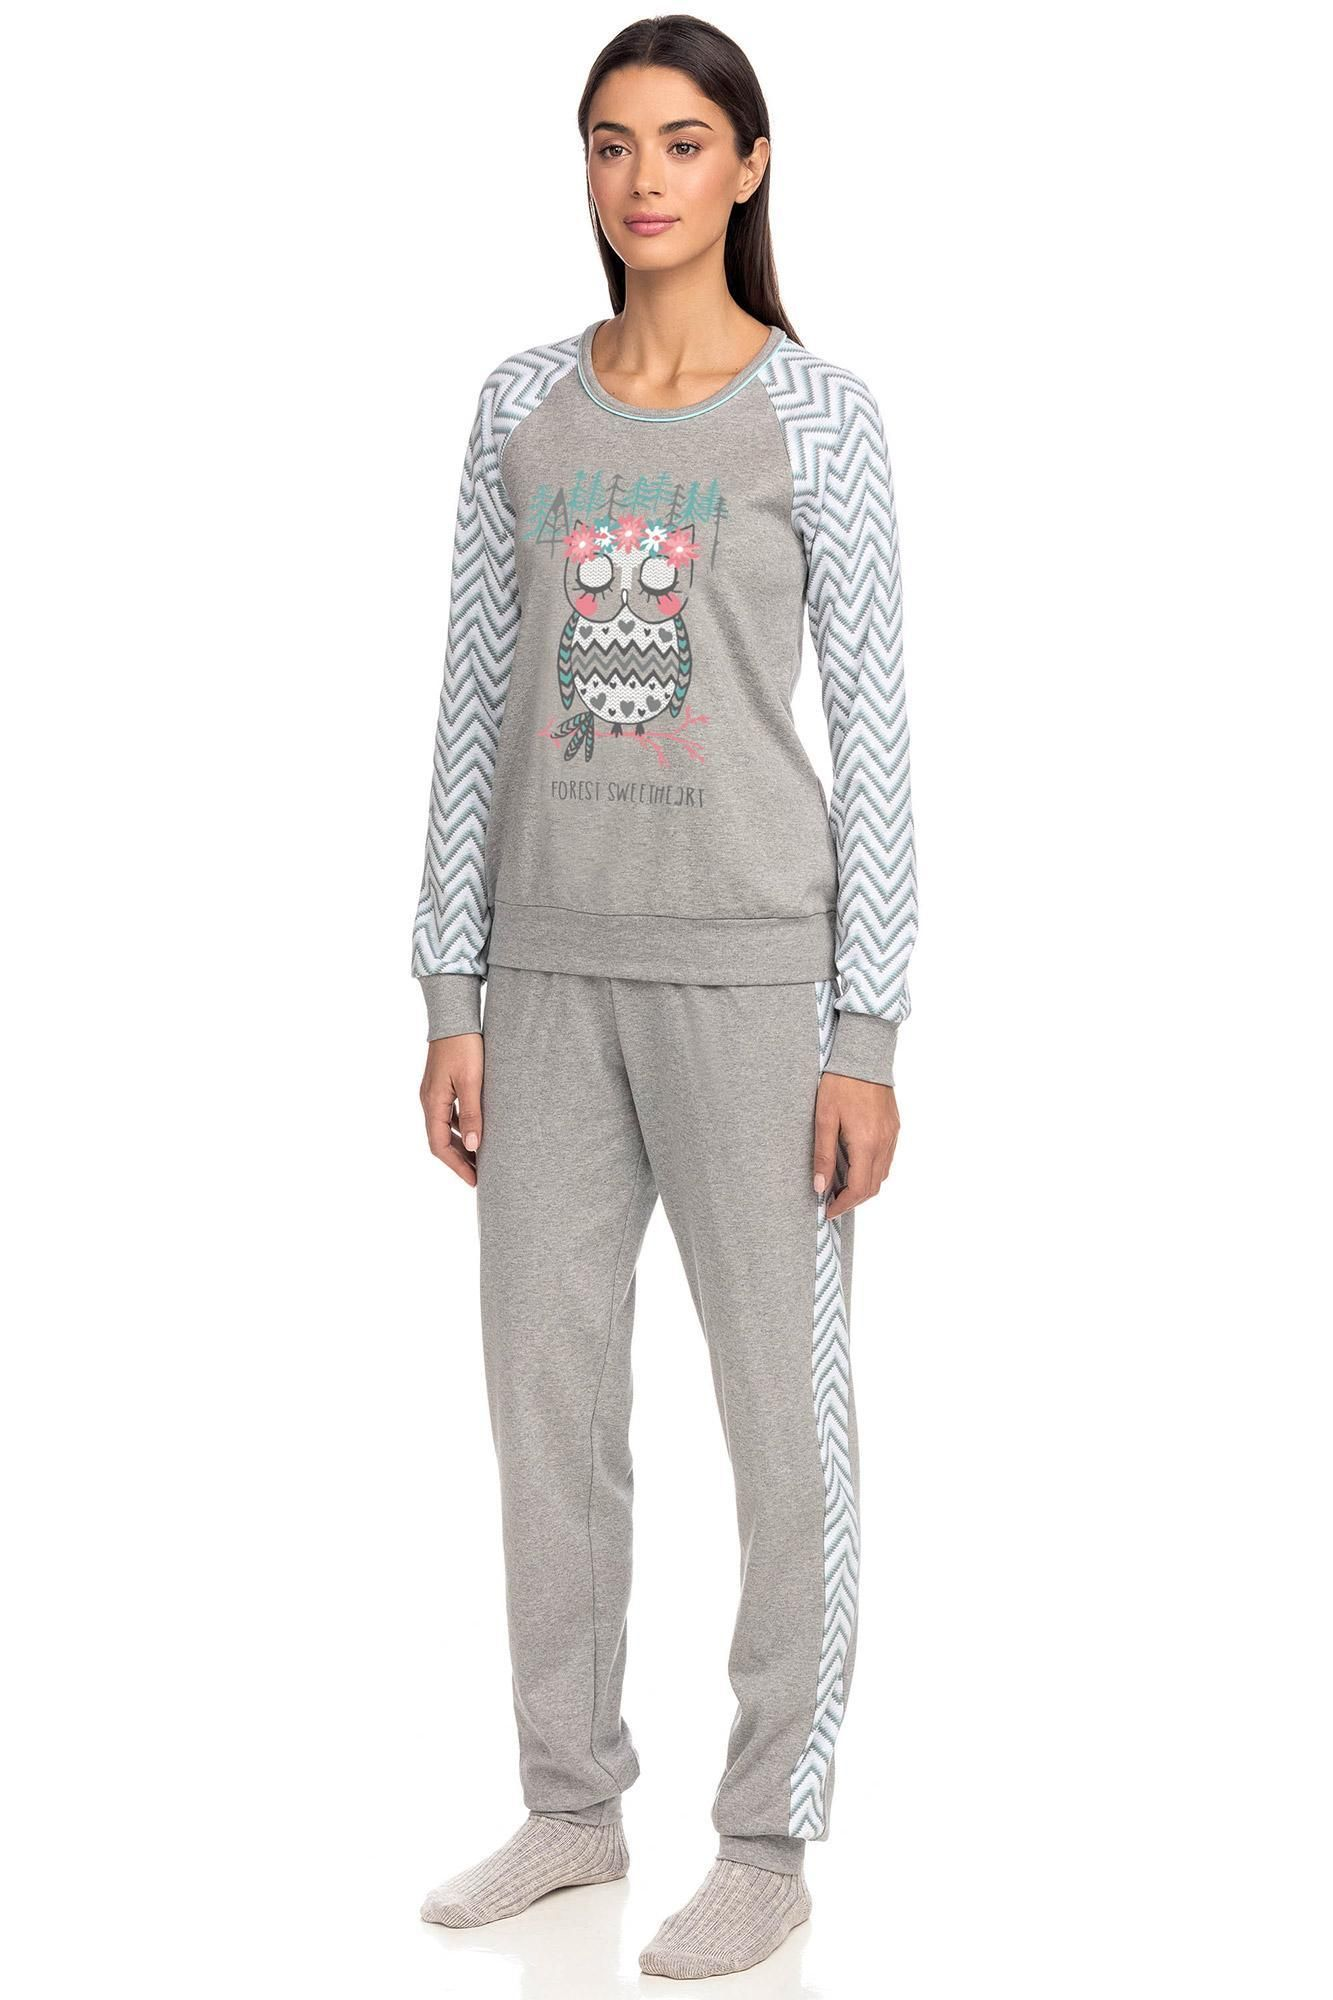 Γυναικεία νεανική πυτζάμα  jumpers